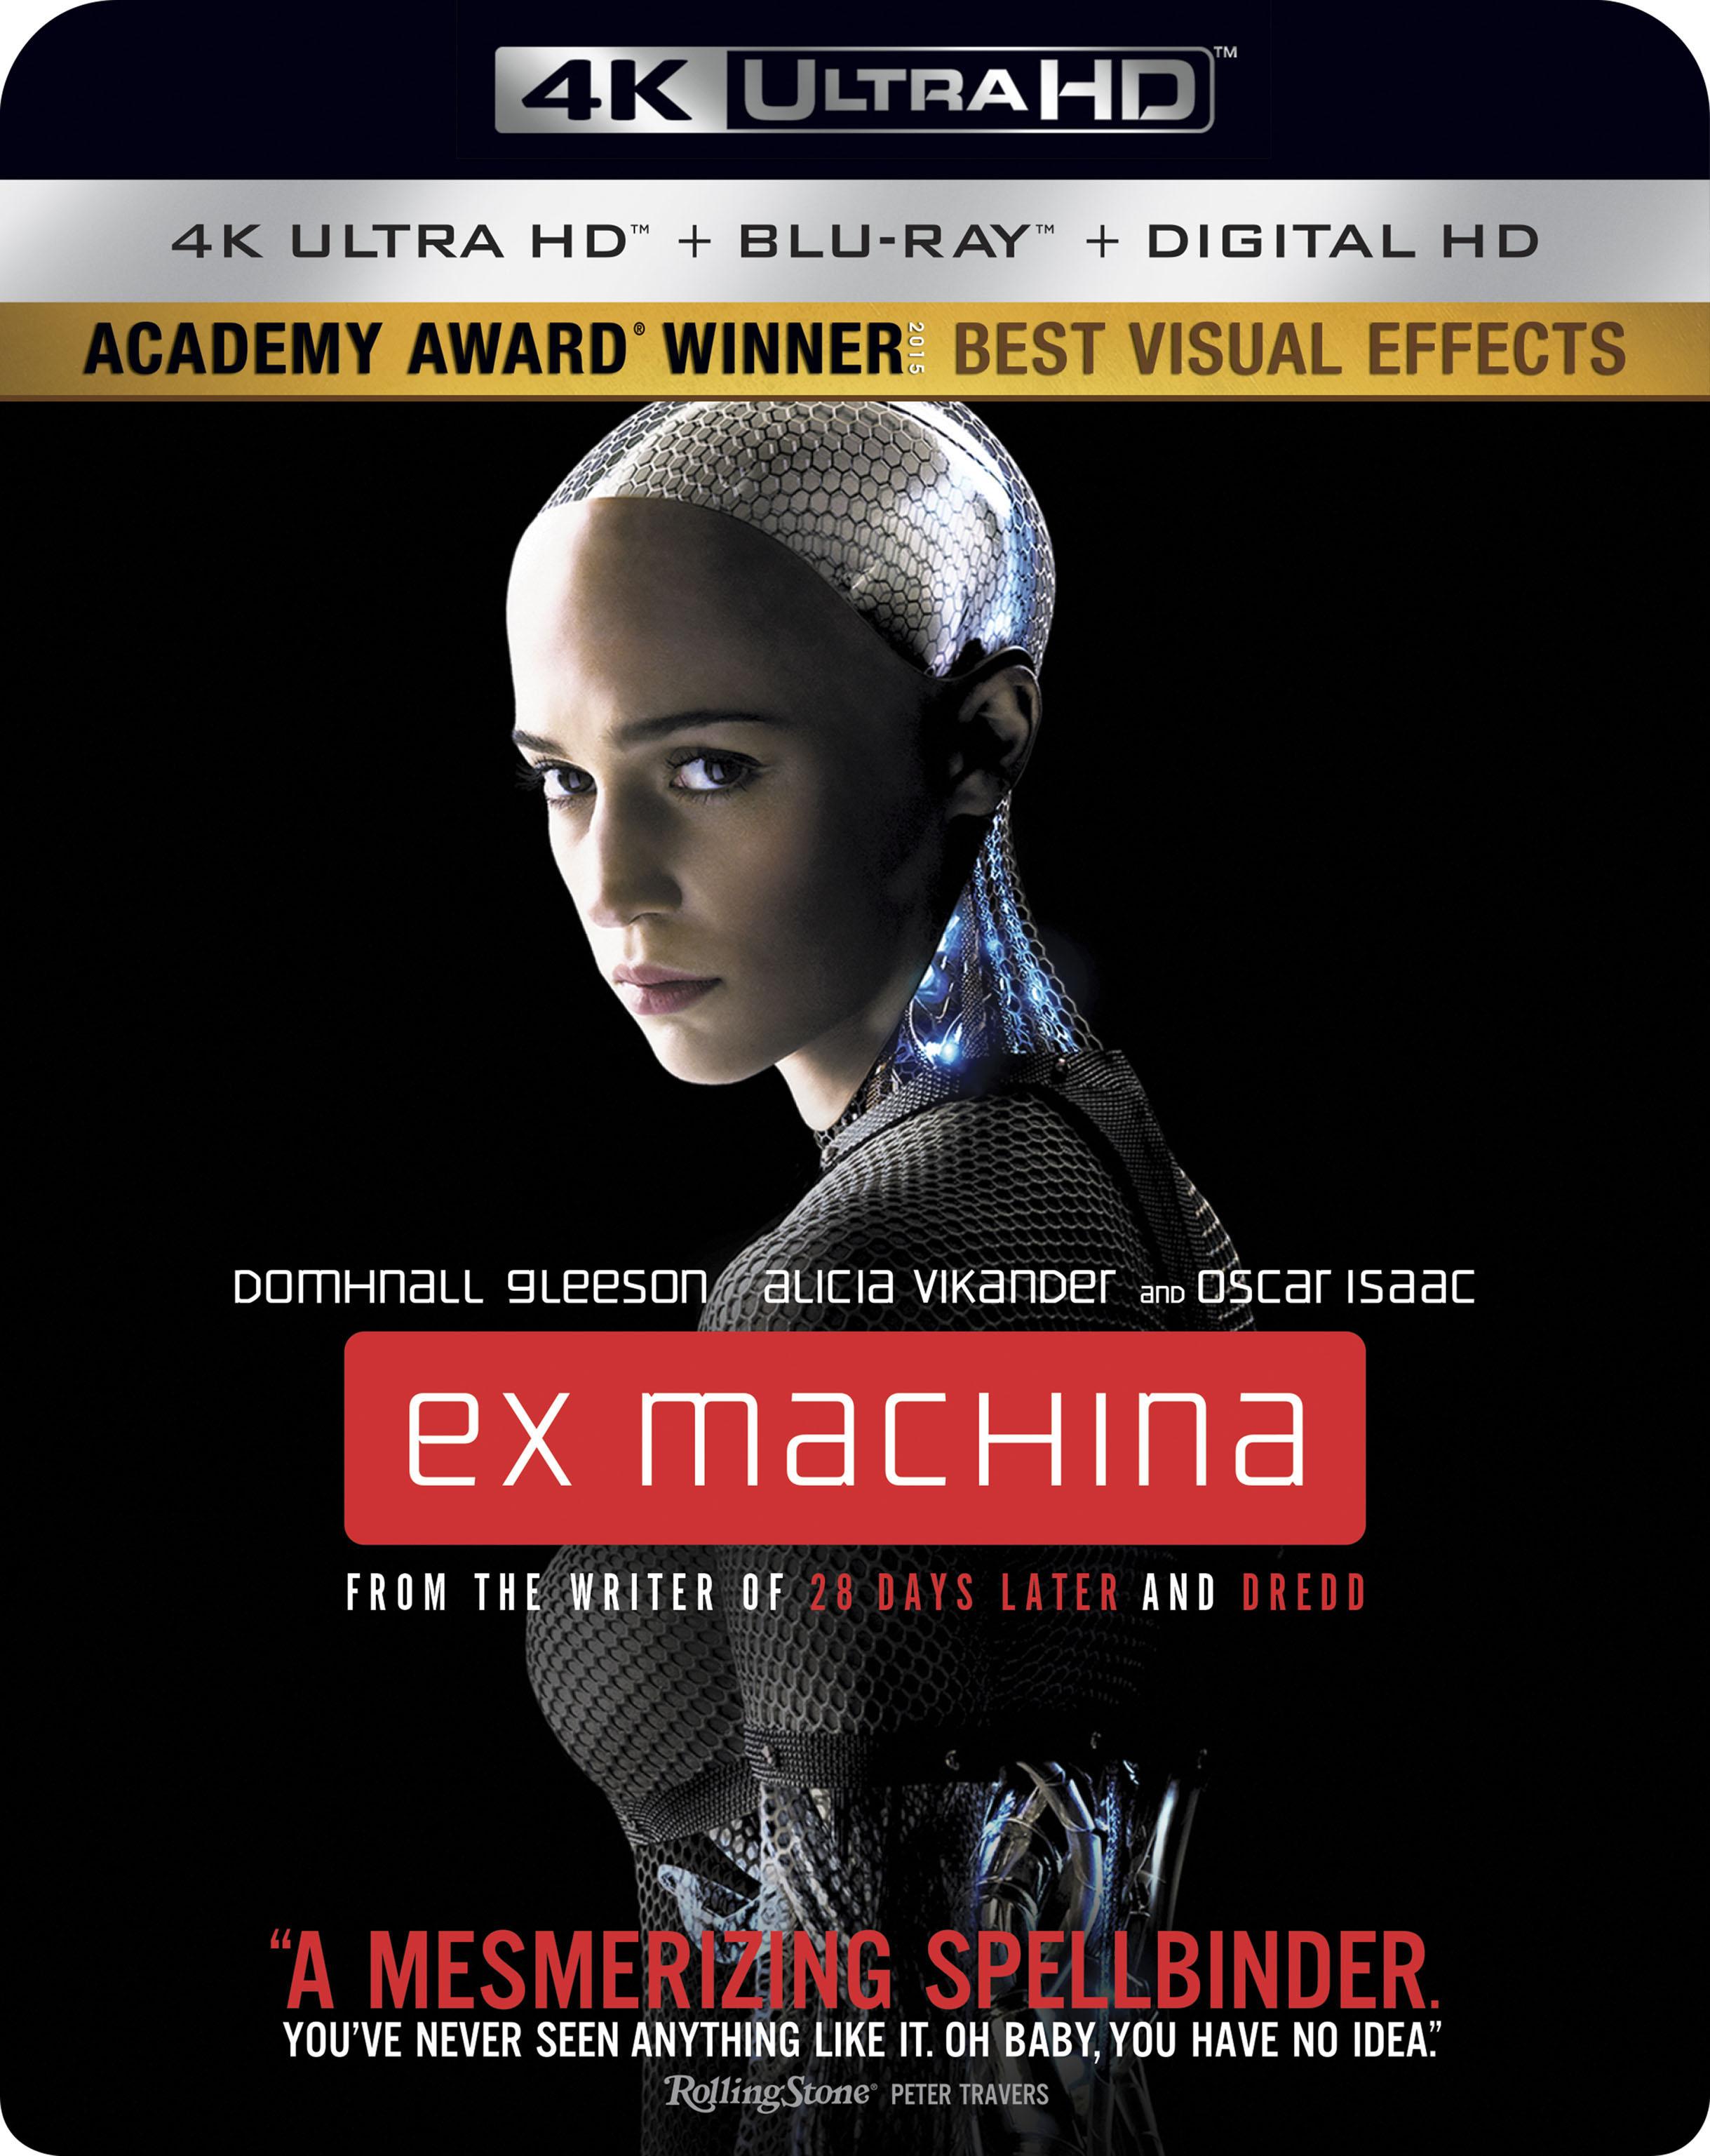 4K UHD Blu-Ray + Digital HD deals - Dark Knight, Hacksaw Ridge, Star Trek Beyond ($9.99-$17.99)